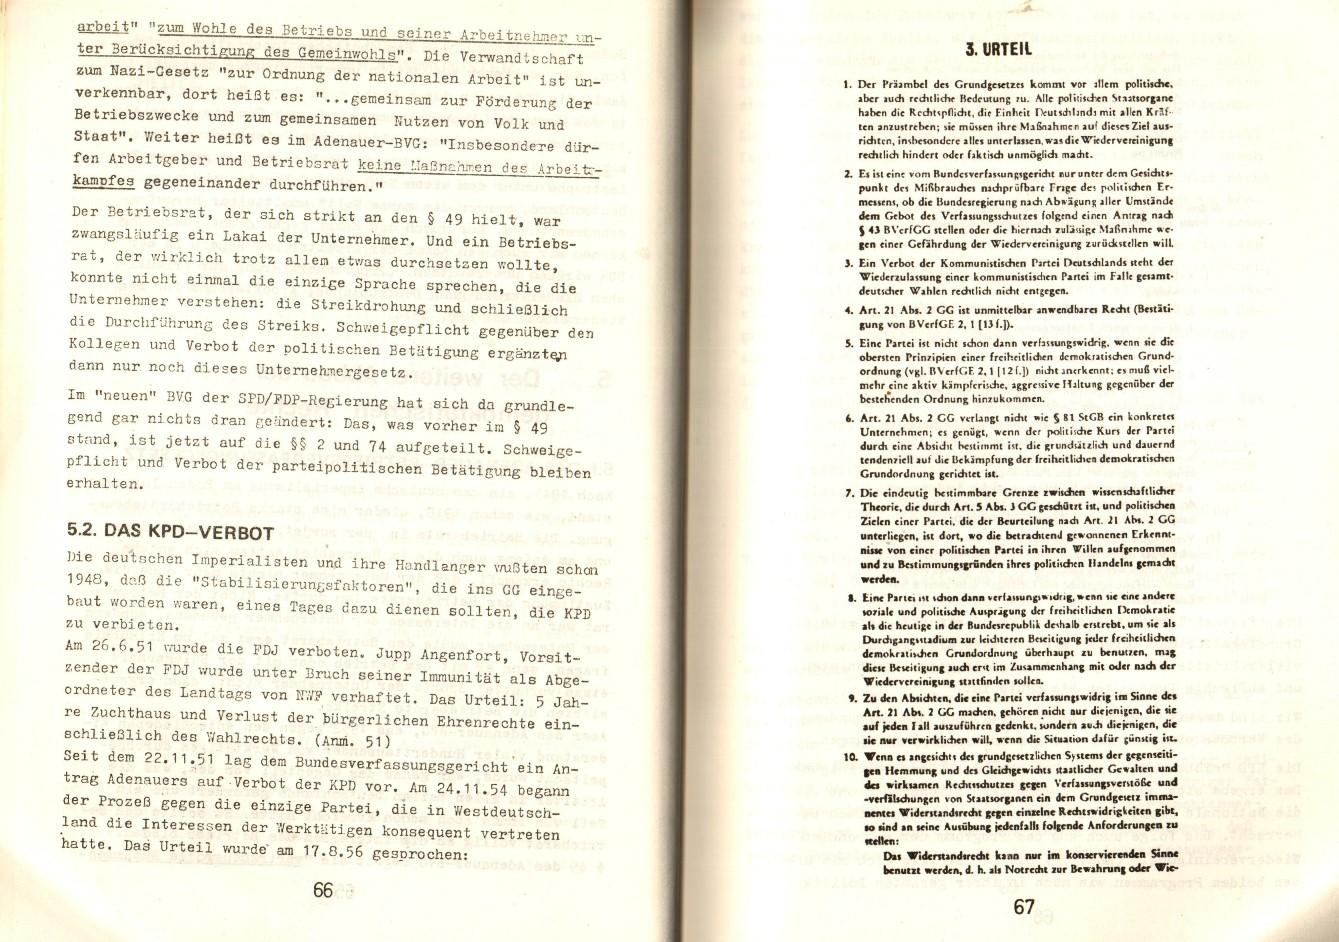 KHB_RSF_1974_25_Jahre_Grundgesetz_36